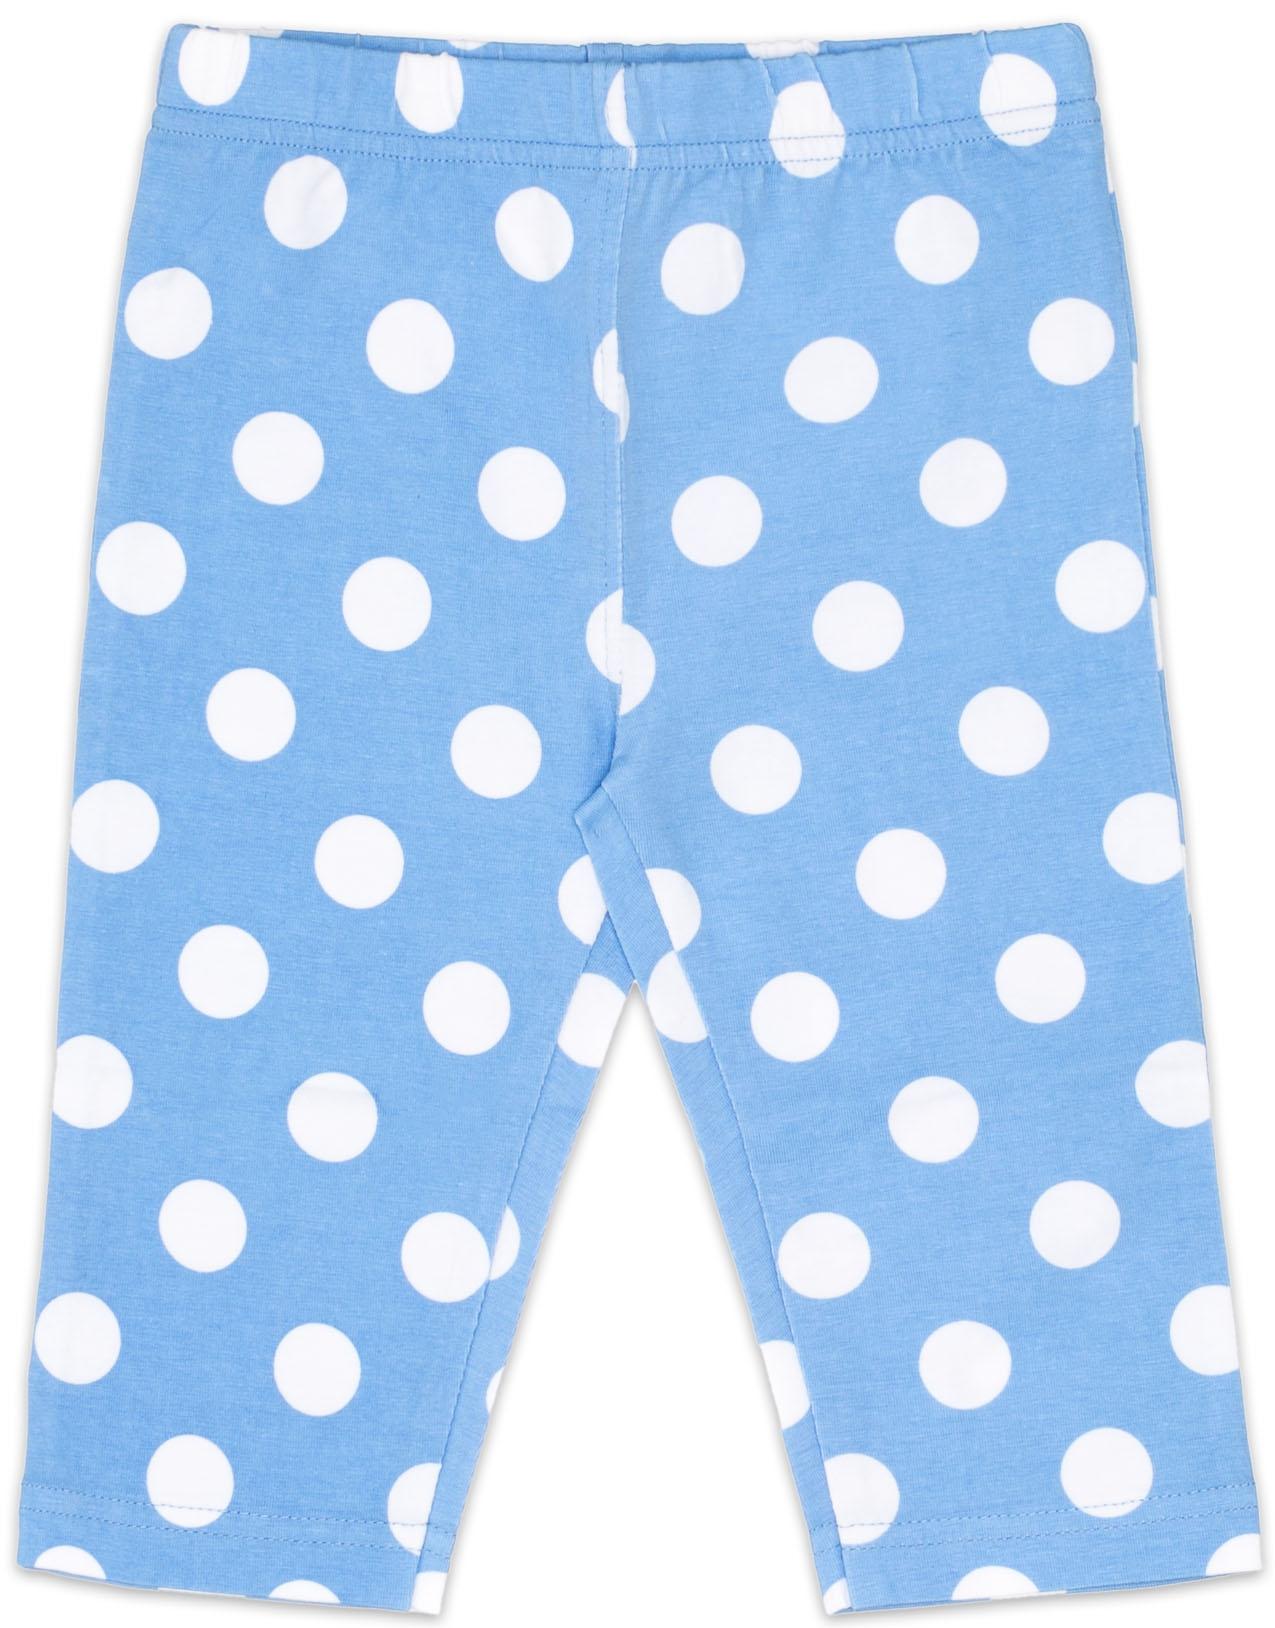 Легинсы Barkito Брюки трикотажные капри для девочки Barkito, У синего-синего моря, голубые с рисунком  в горох брюки barkito брюки трикотажные для мальчика barkito супер baby серые с рисунком